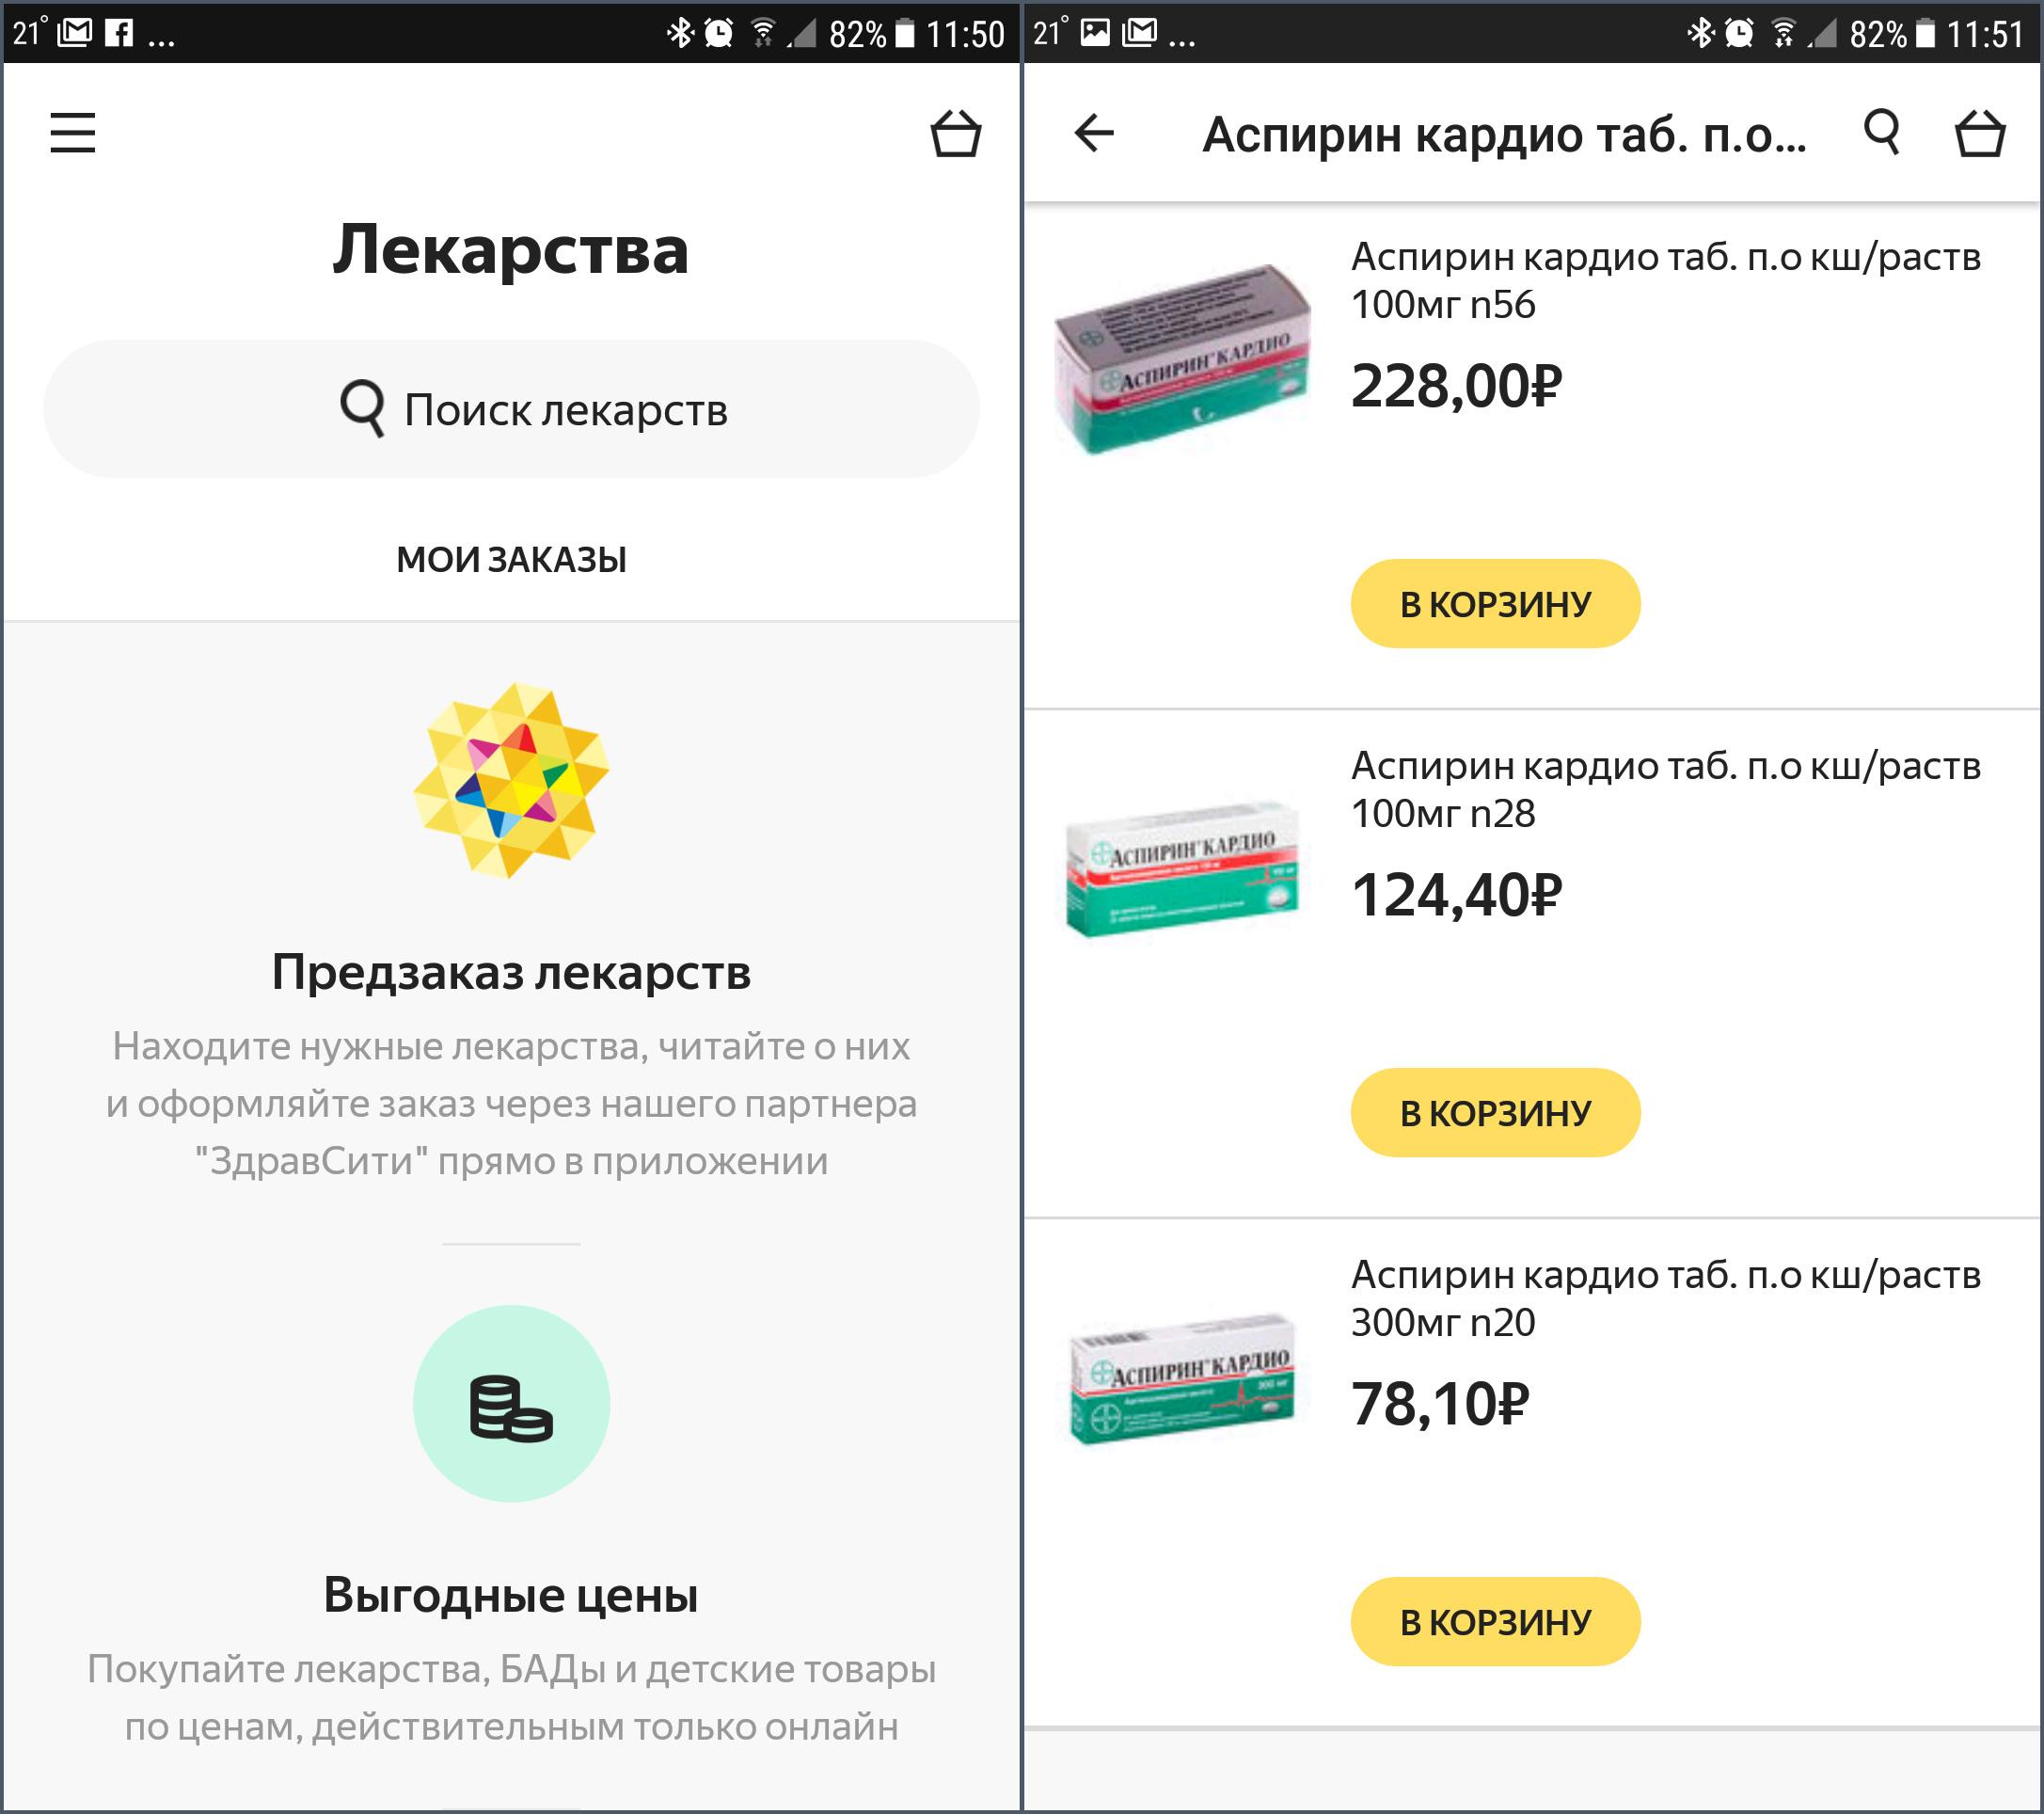 Скриншоты приложения «Яндекс.здоровье».